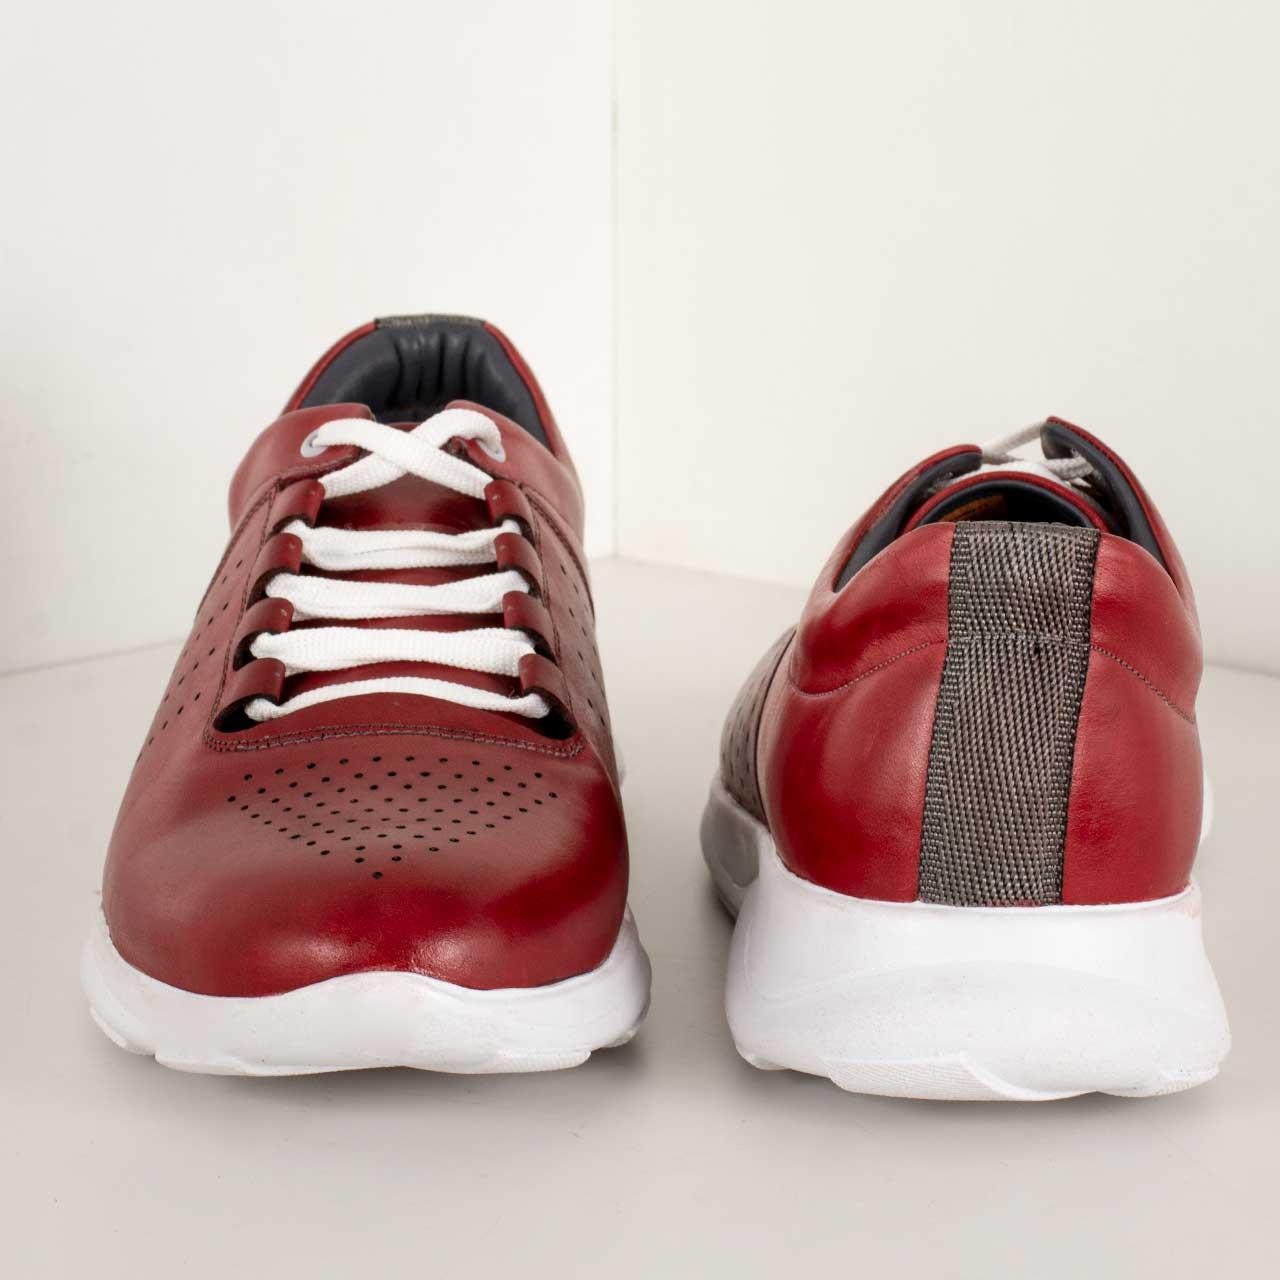 کفش روزمره مردانه پارینه چرم مدل SHO176-2 -  - 8